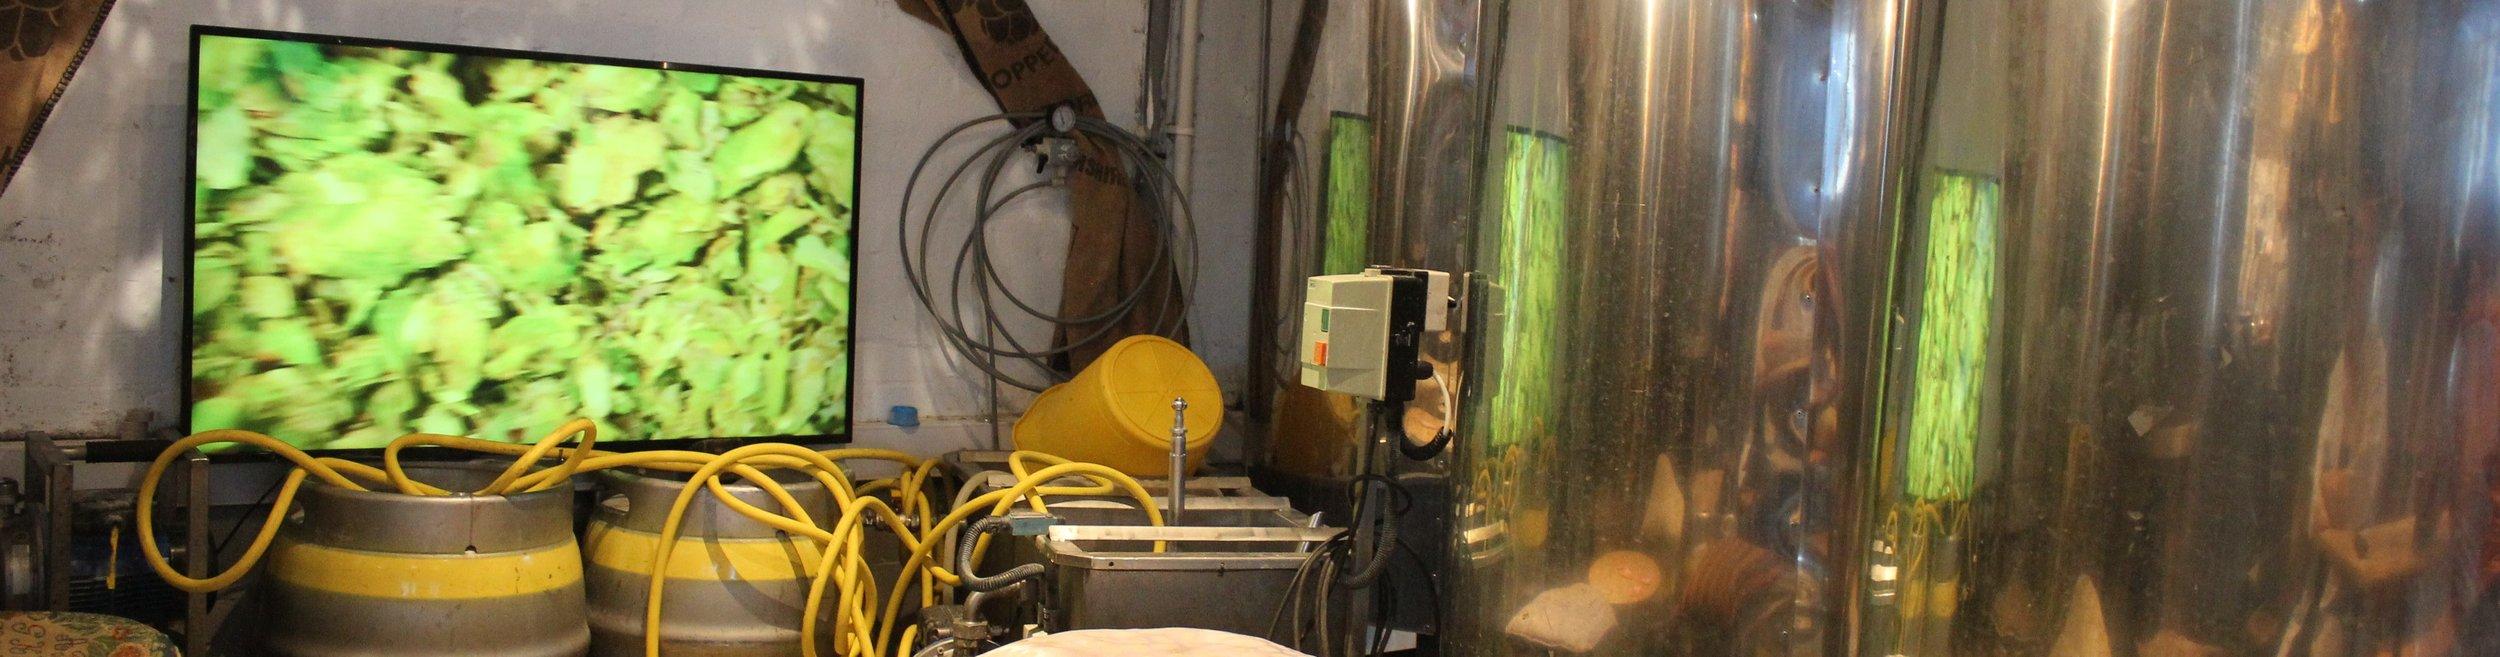 Brewing install